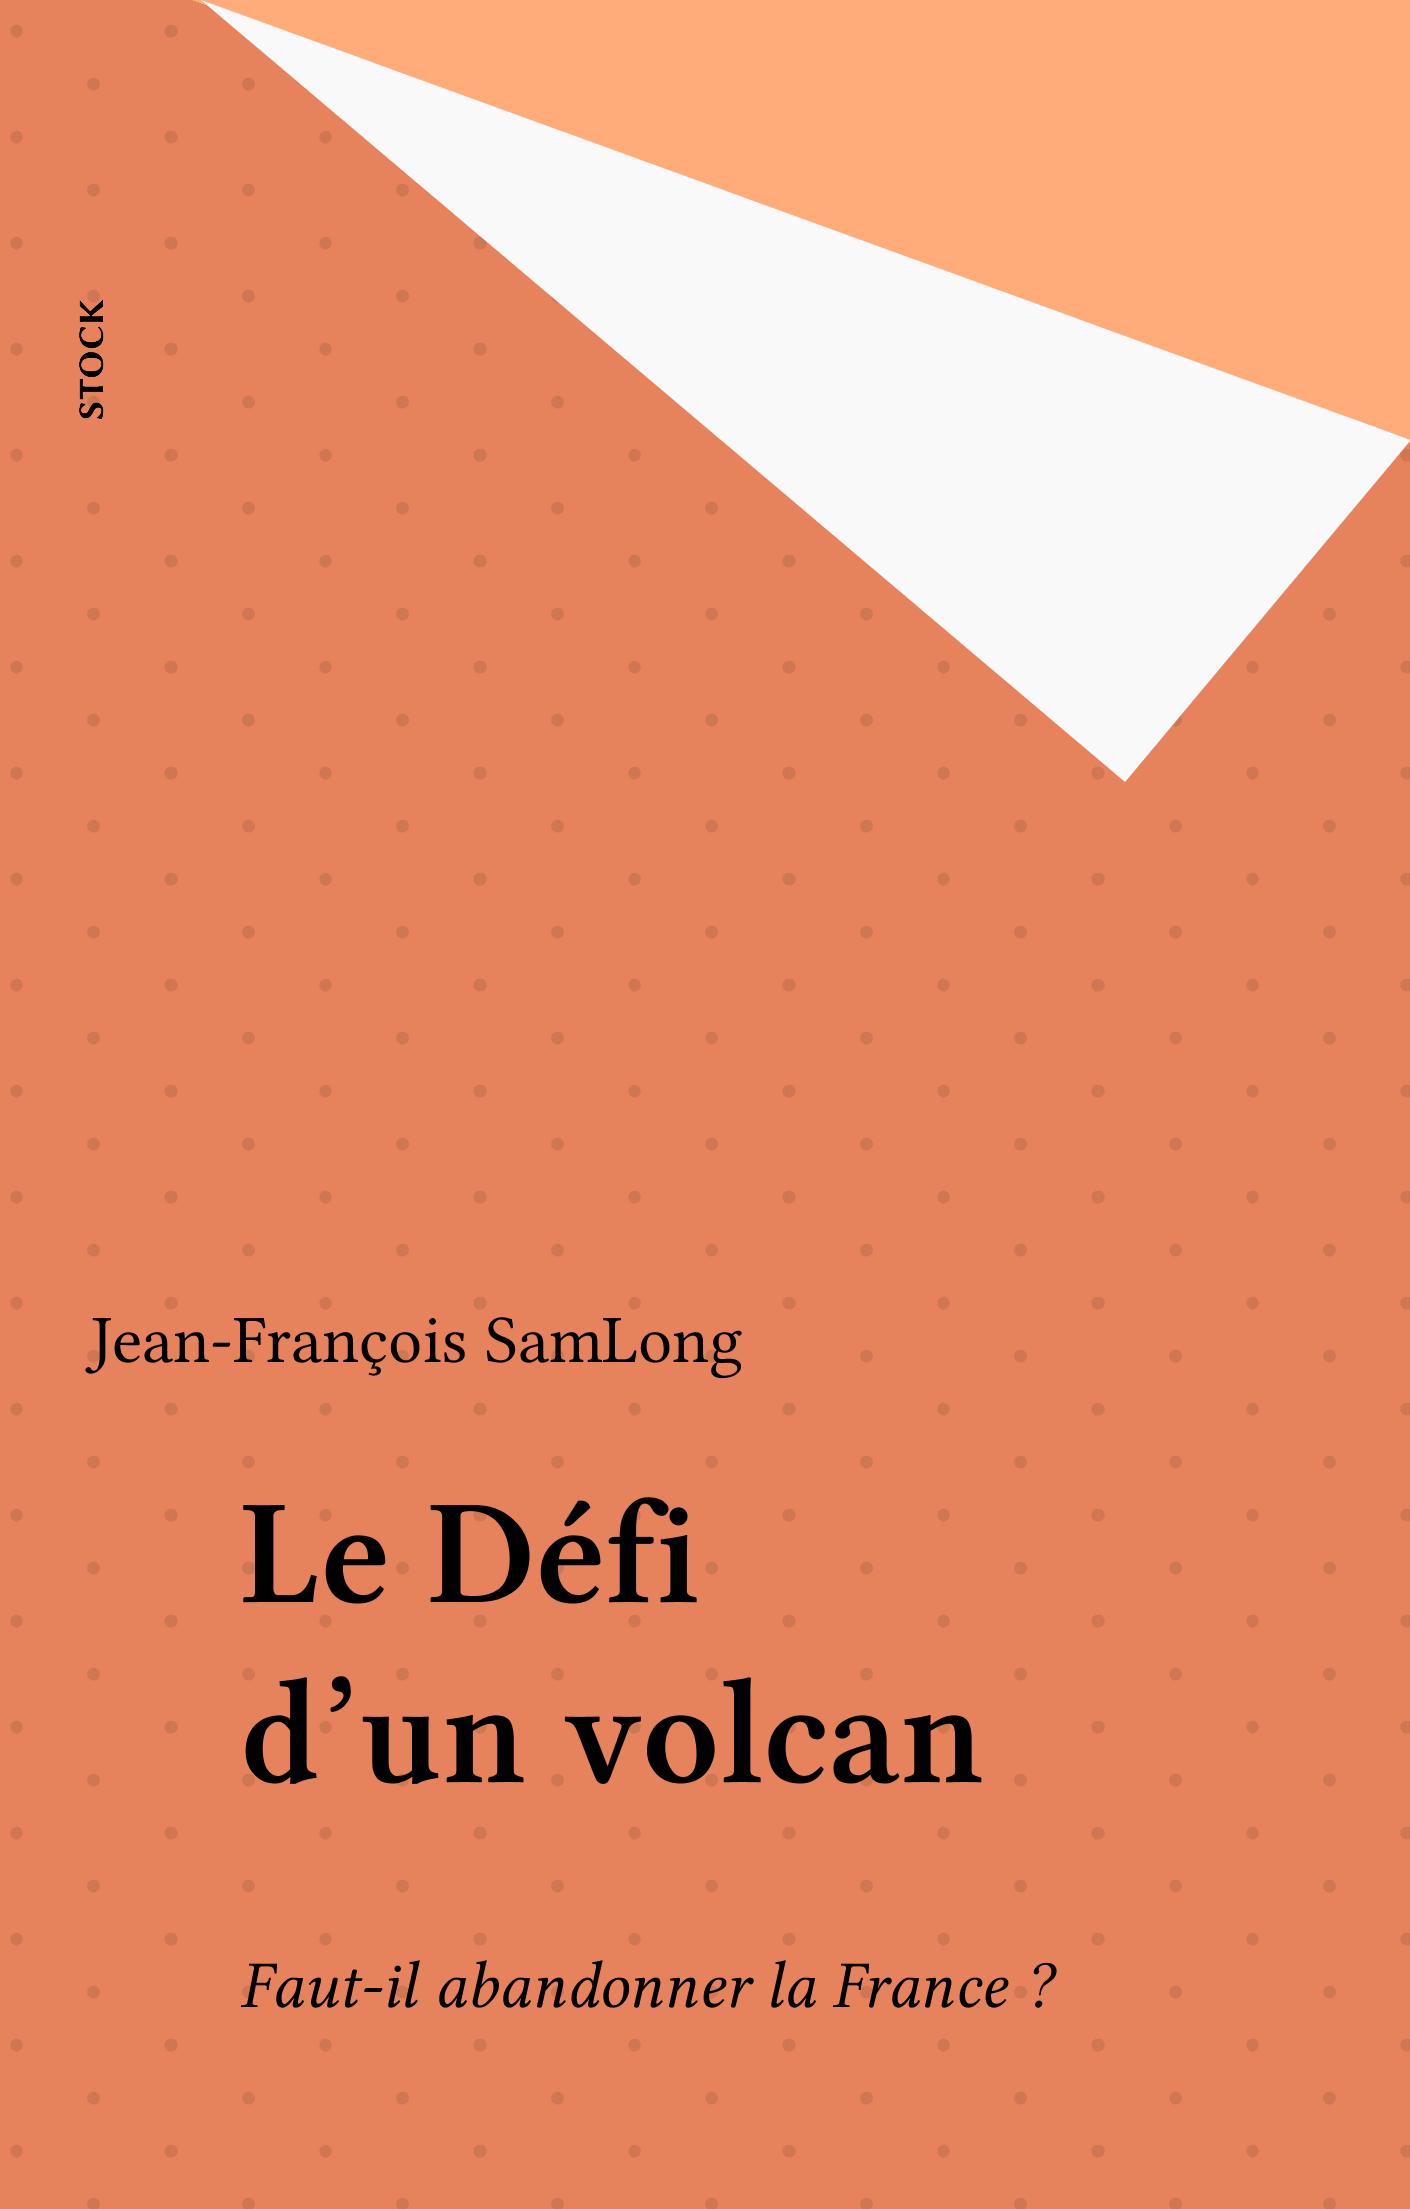 Le Défi d'un volcan, FAUT-IL ABANDONNER LA FRANCE ?